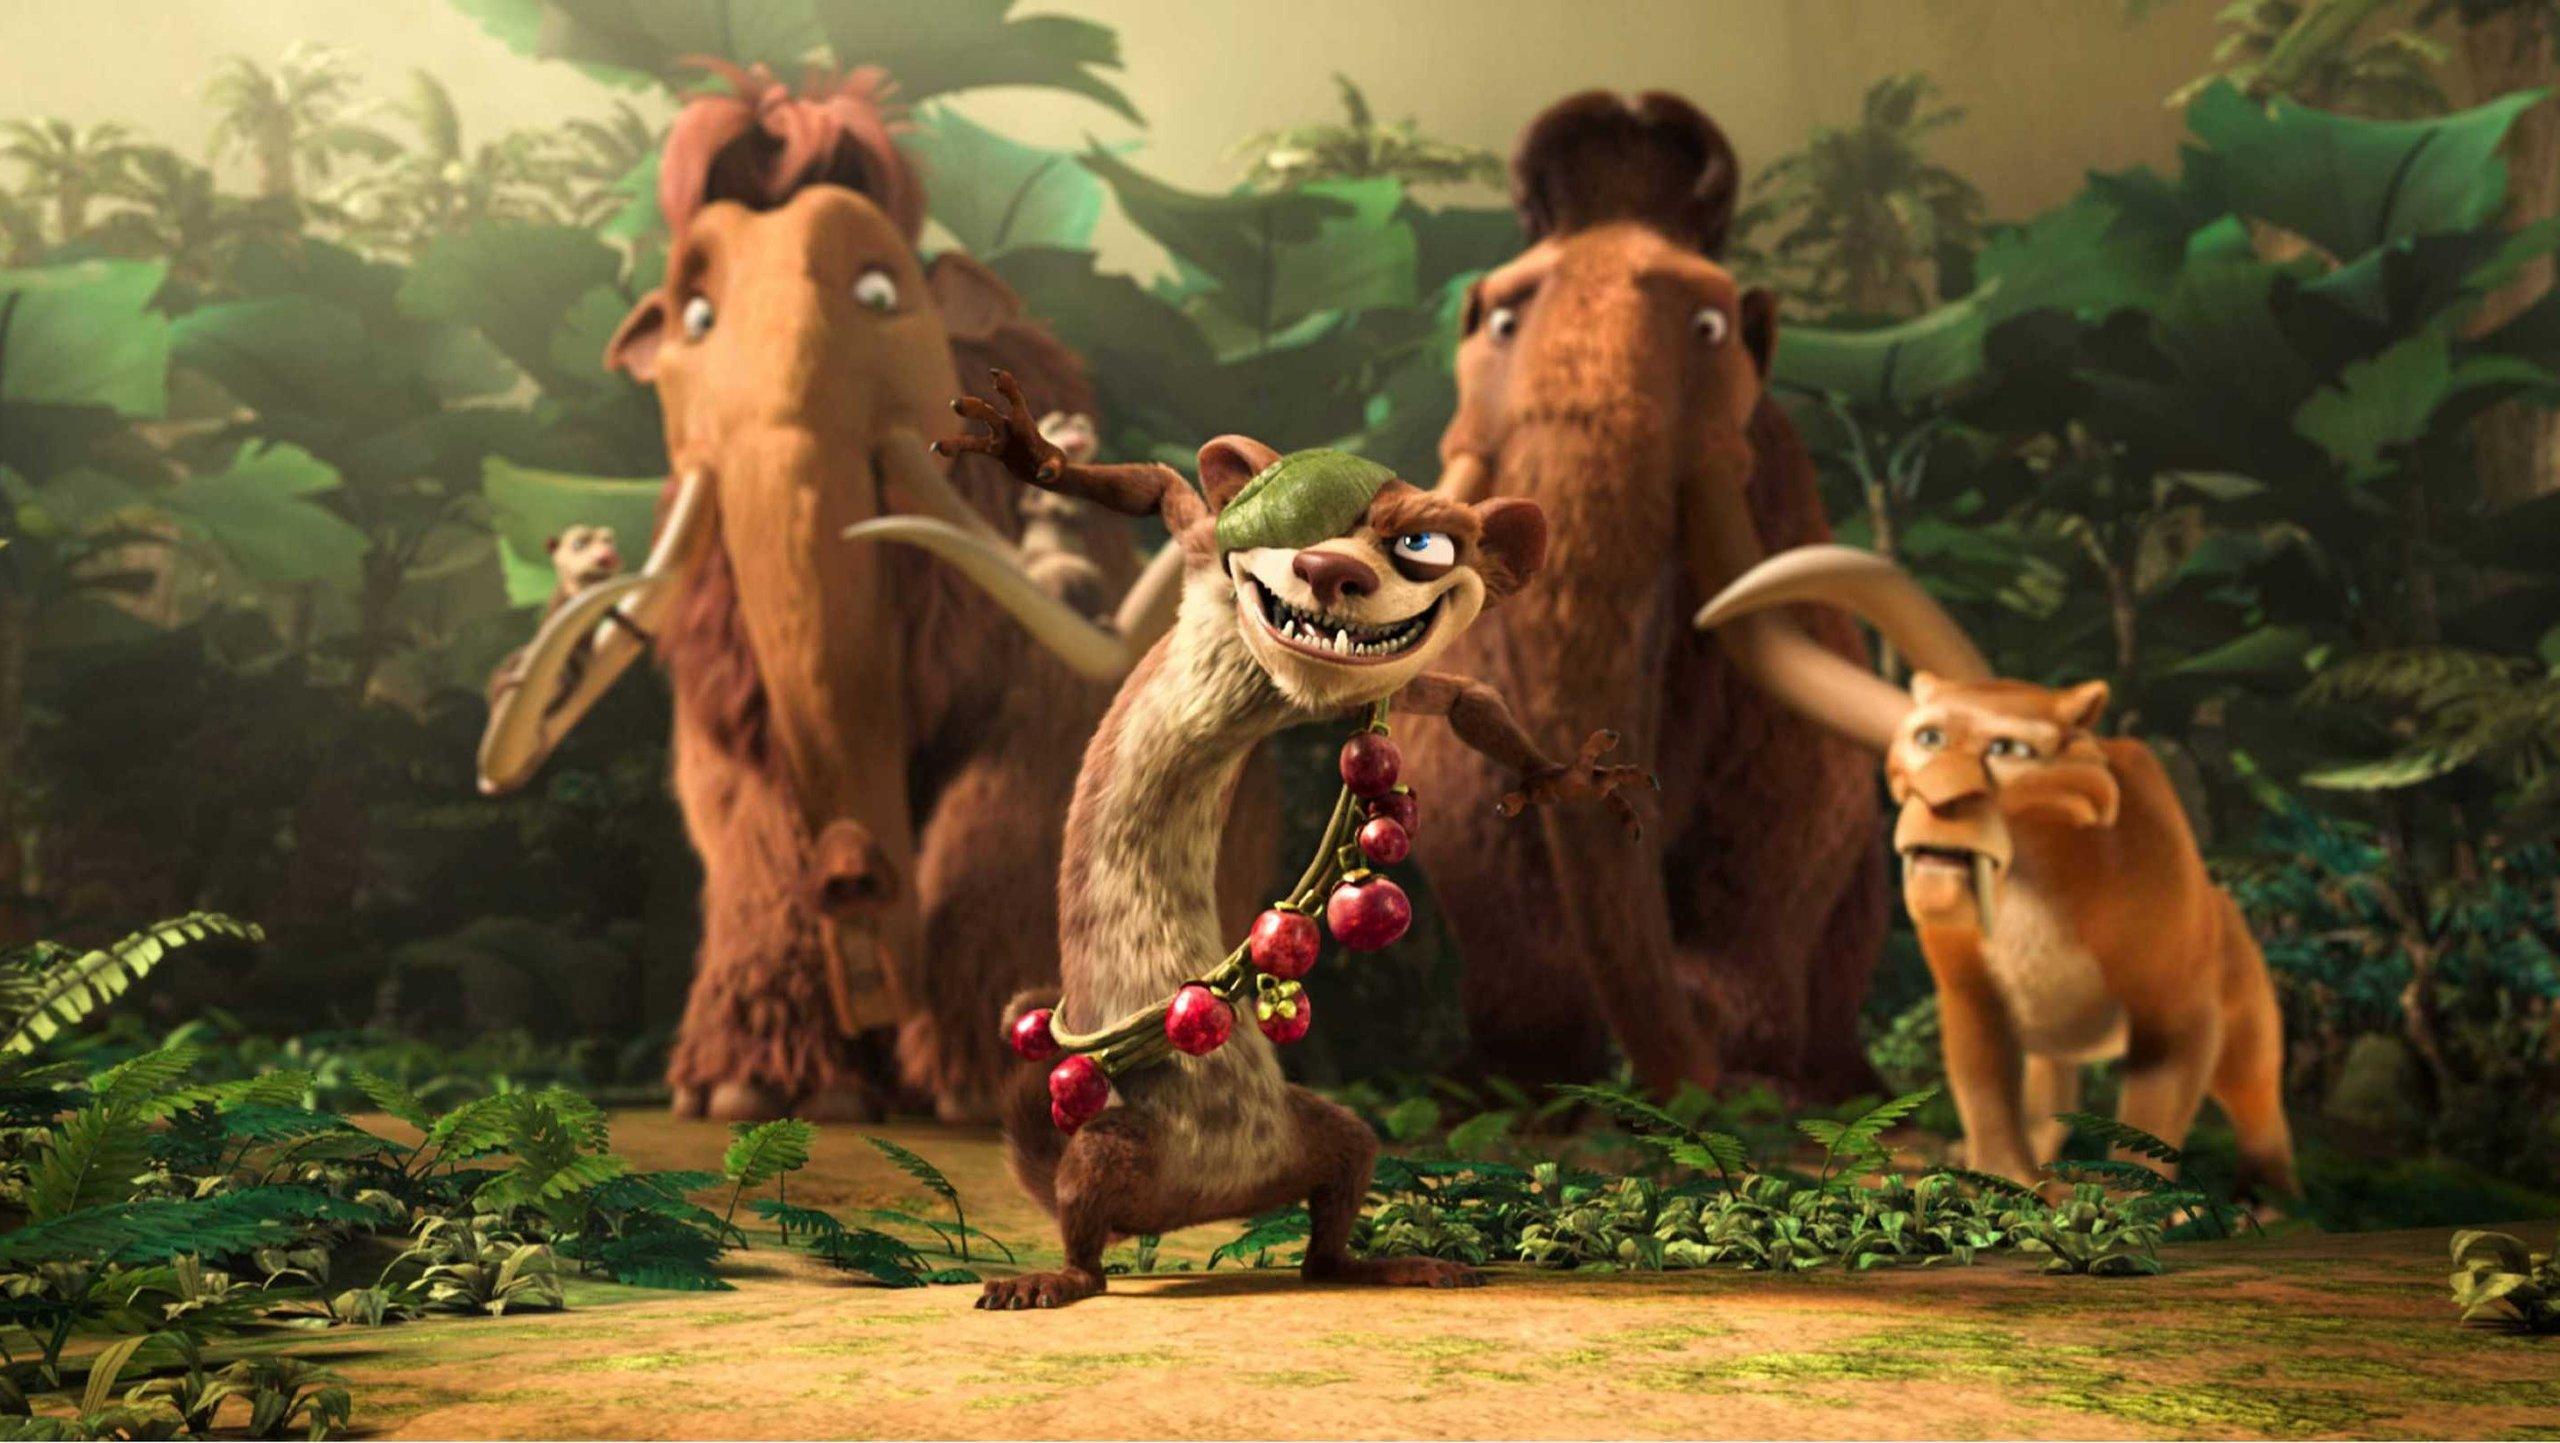 ледниковый период эра динозавров картинки героев таких ситуациях продюсеры